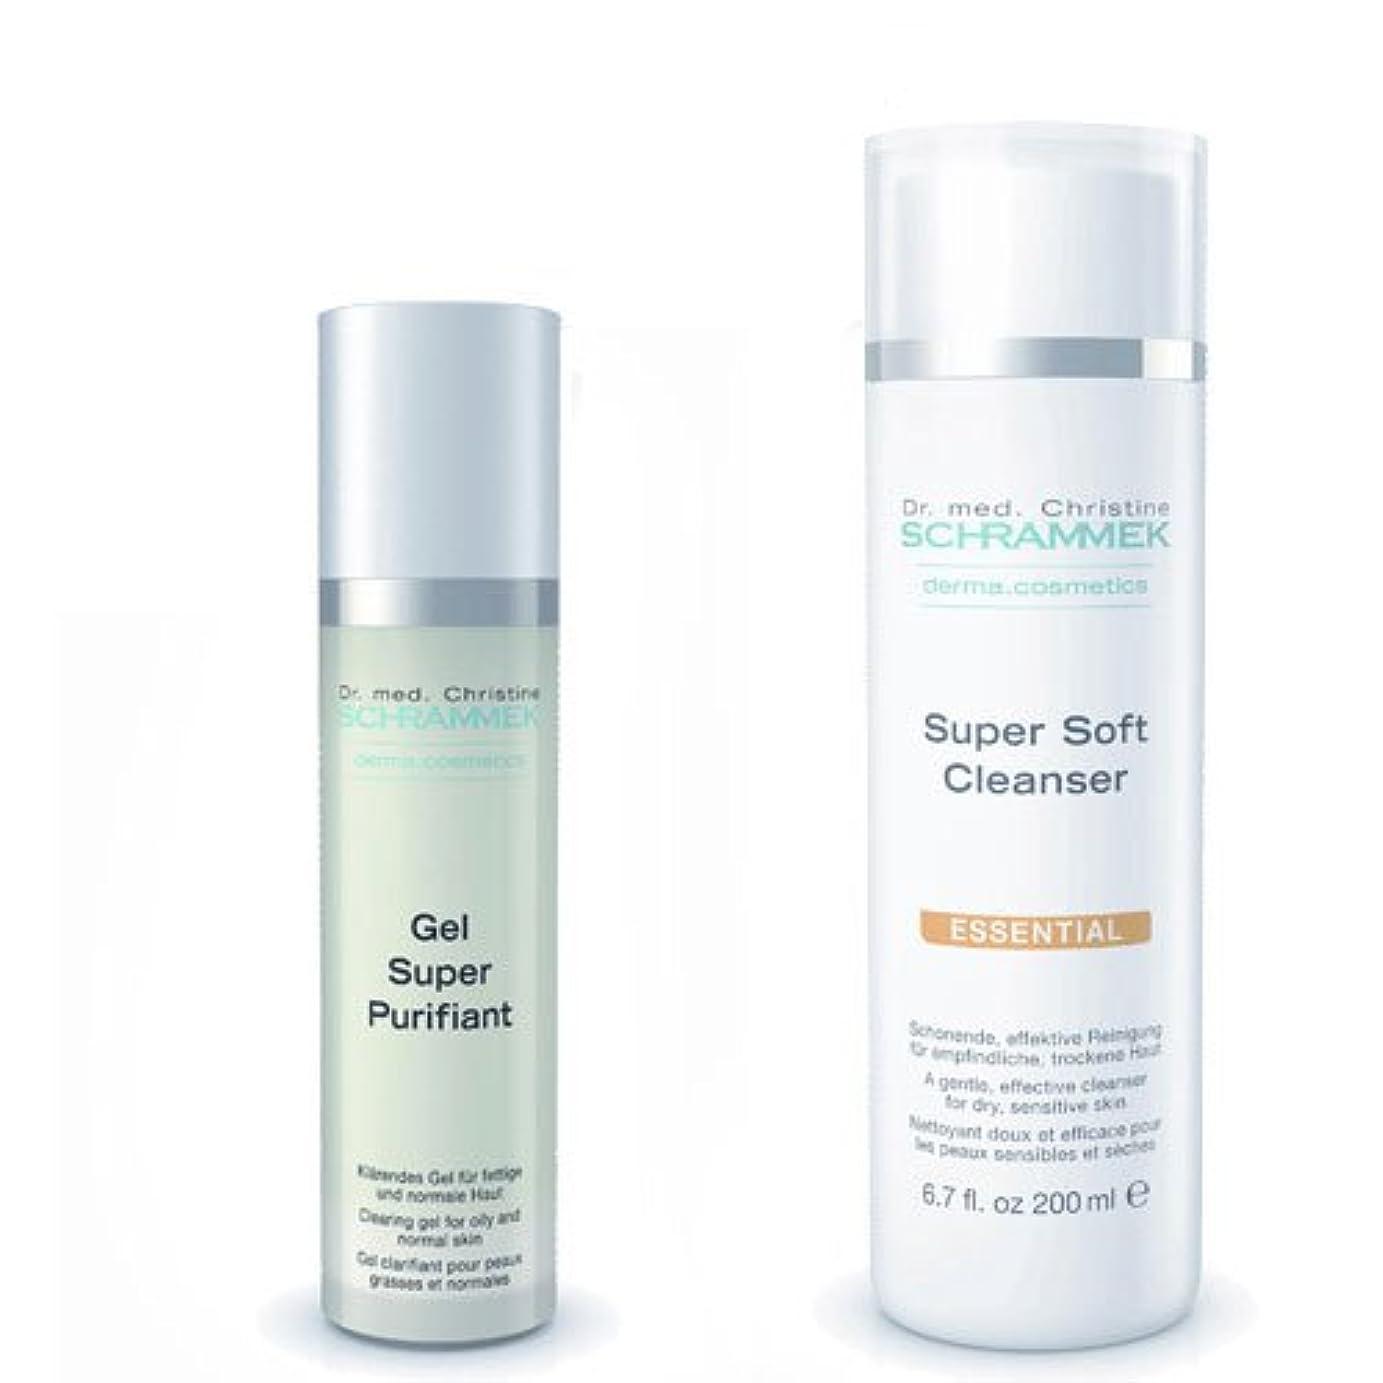 シュラメック 「GREEN PEEL 洗顔2点セット(ノーマル肌?敏感肌?乾燥肌用)」 スーパーソフトクレンザー&ジェルスーパーピュリフィアント